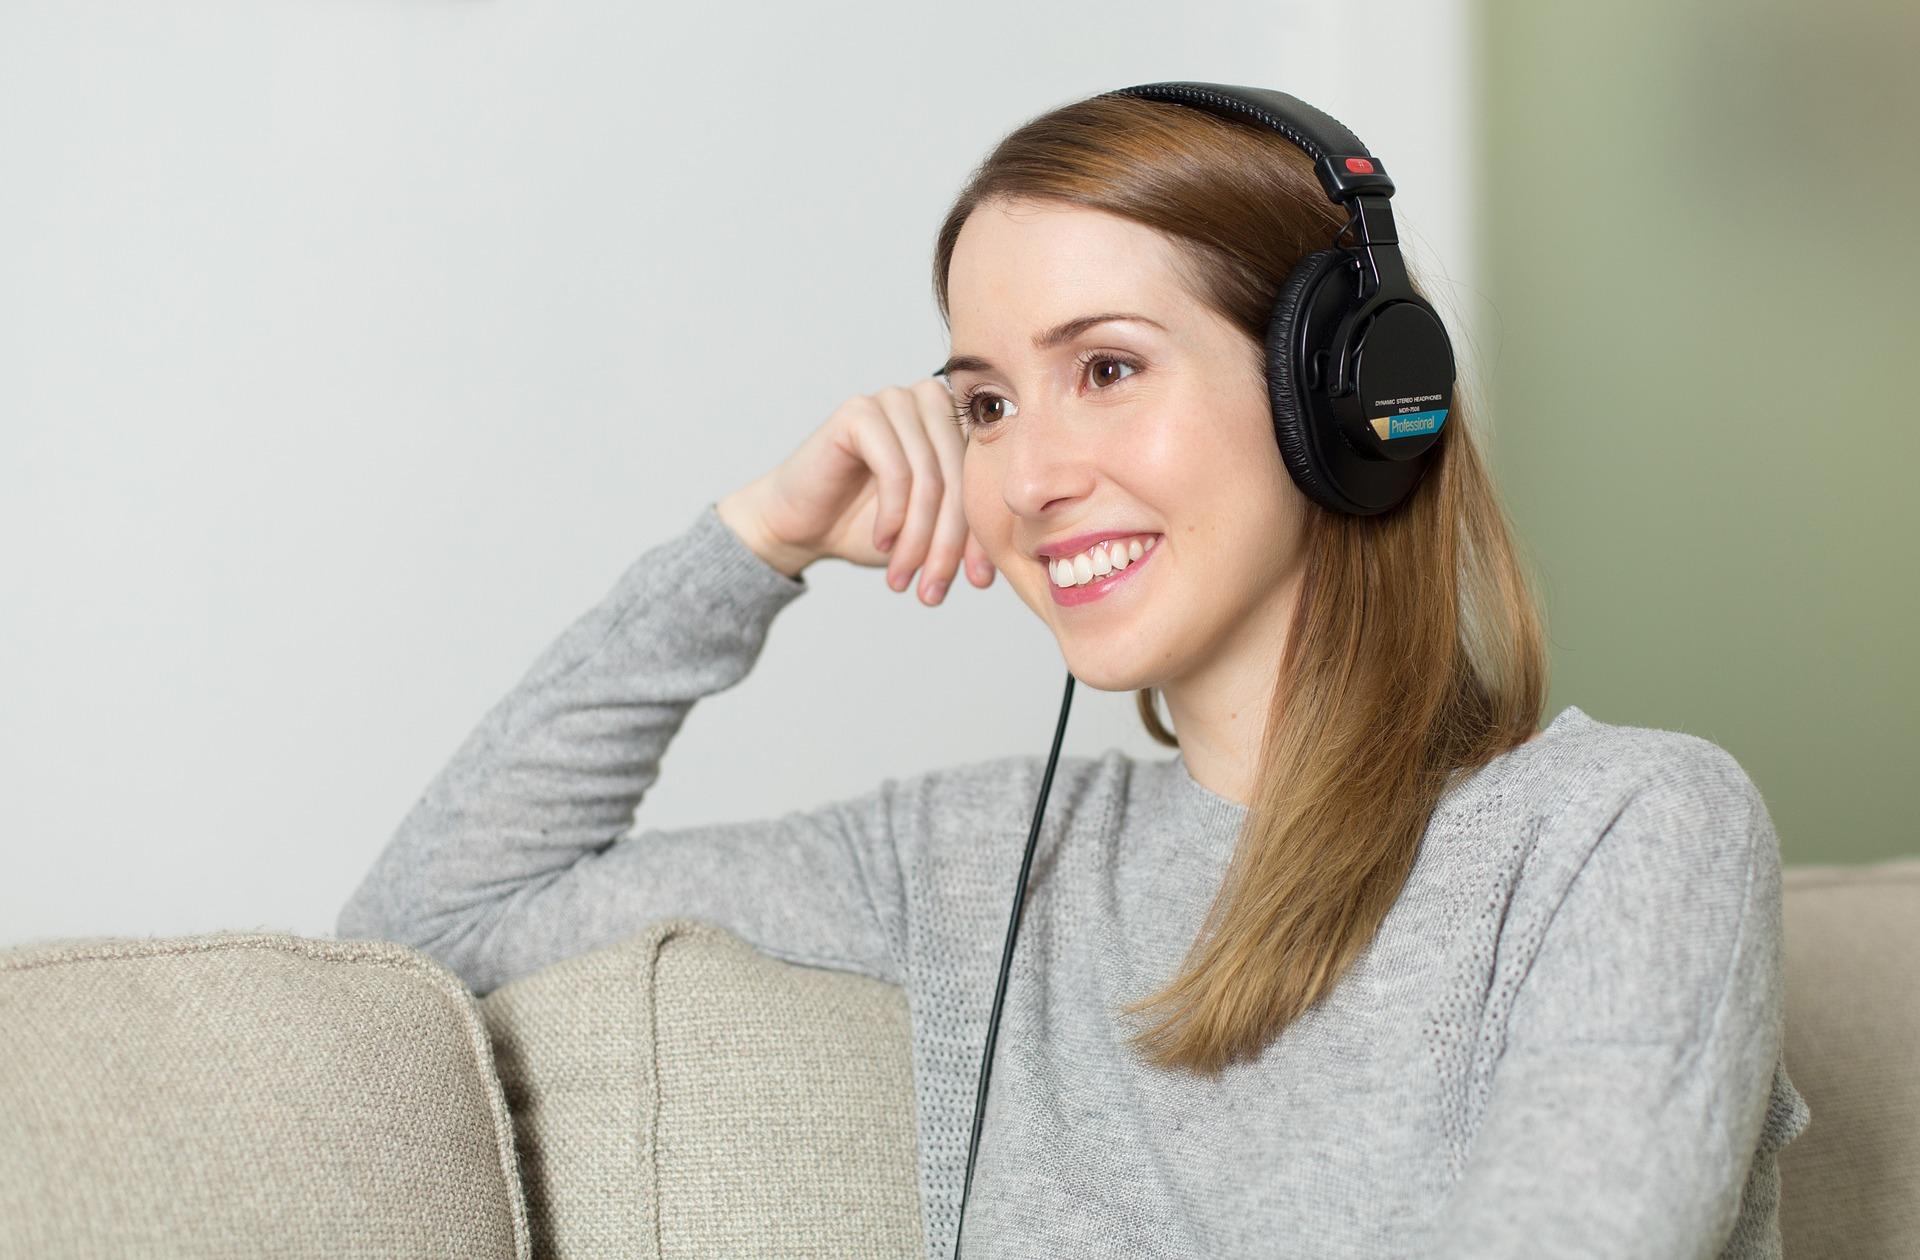 Hudba má podle vědců pozitivní vliv na energii i náladu